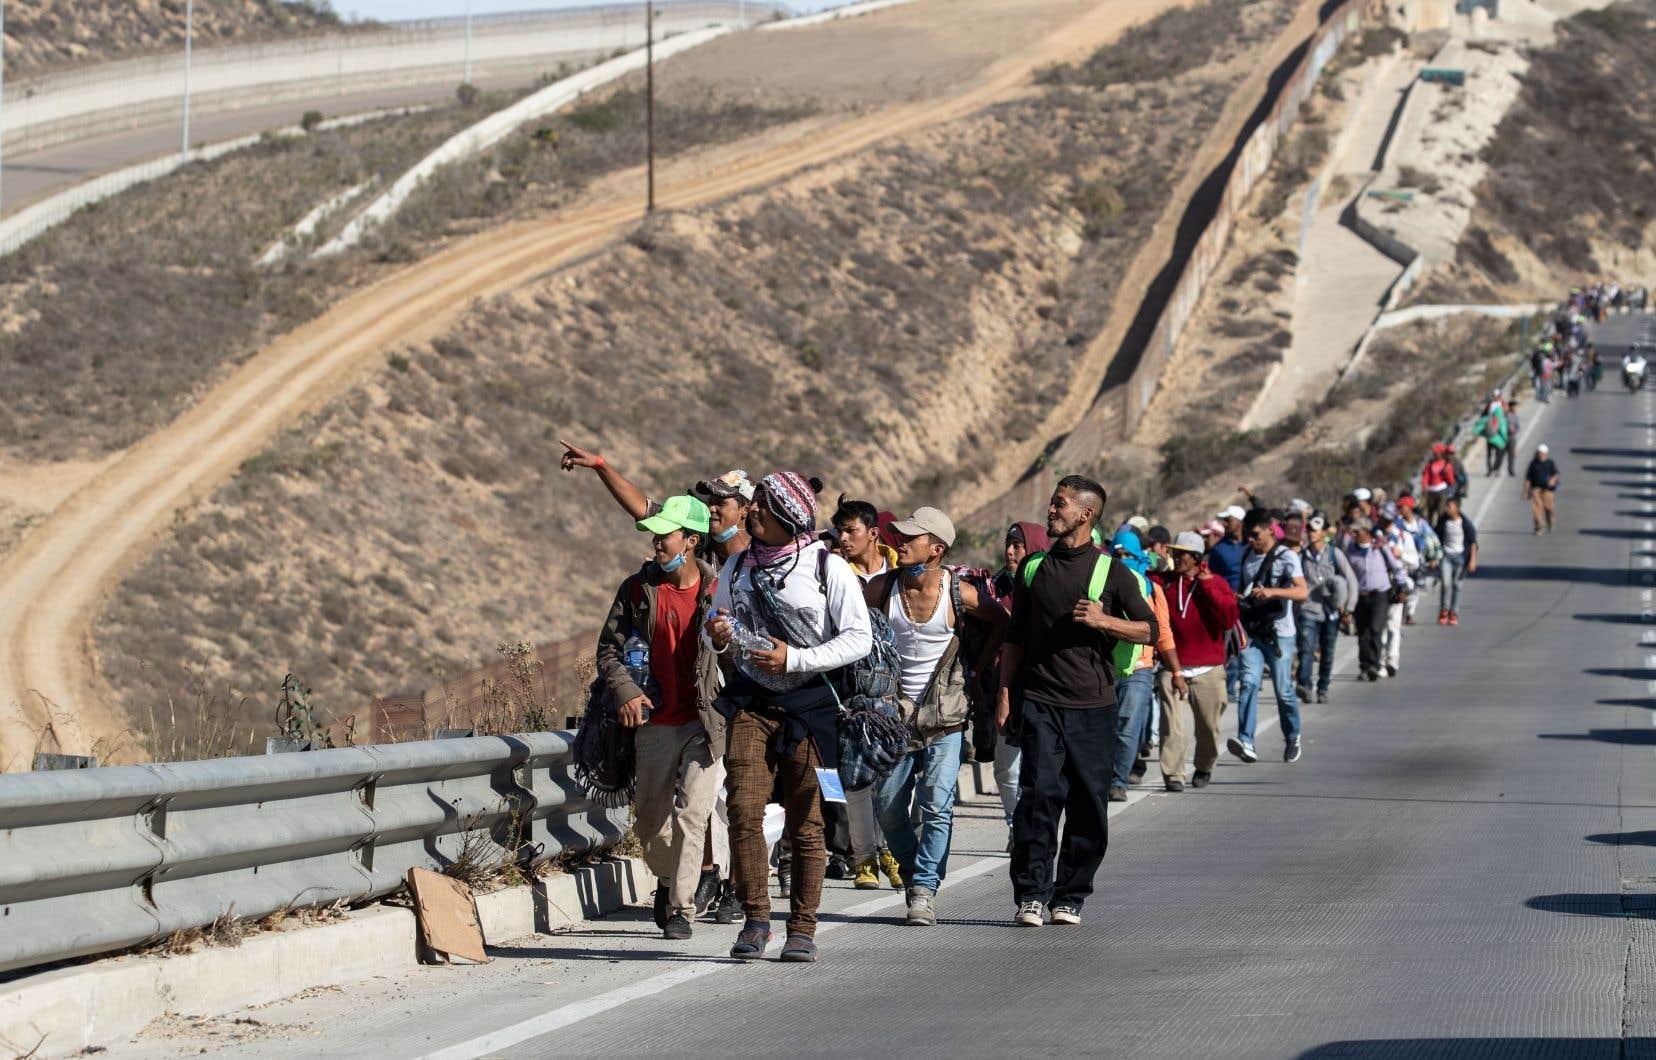 <p>Des groupes ont commencé à arriver à Tijuana, à la frontière avec les États-Unis.</p>